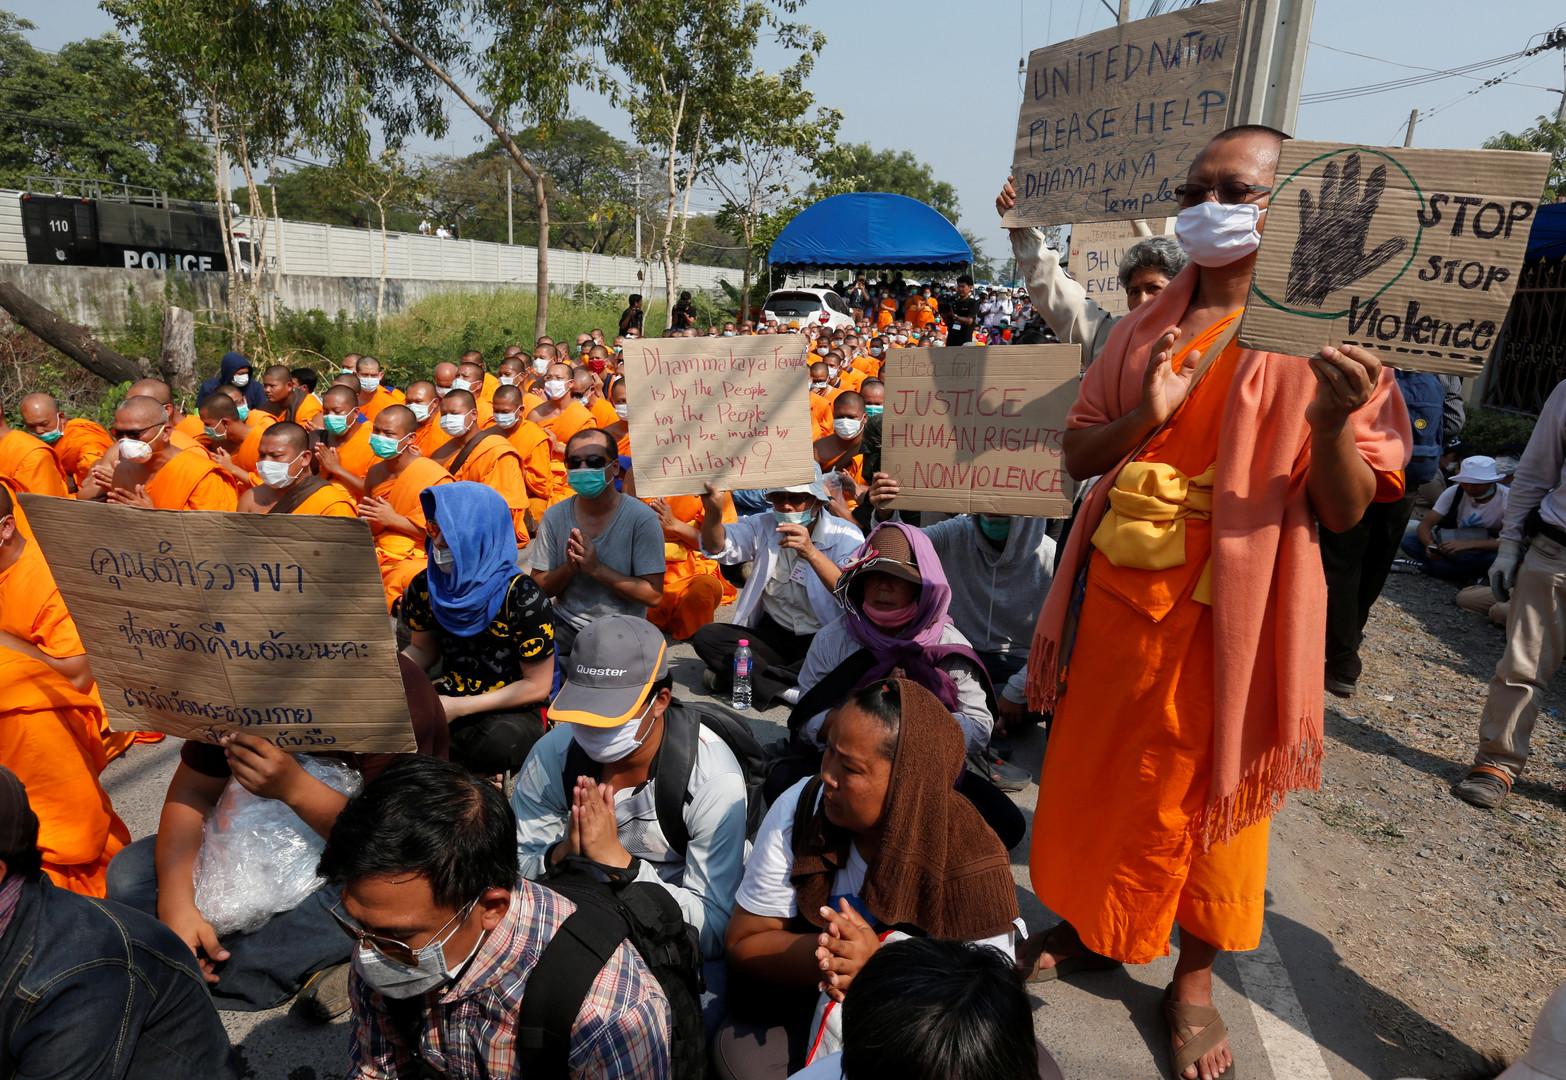 Der Bau der Wat Phra Dhammakaya, eines der größten Tempel in Thailand, wurde im Jahr 1970 begonnen und dauerte 15 Jahre.